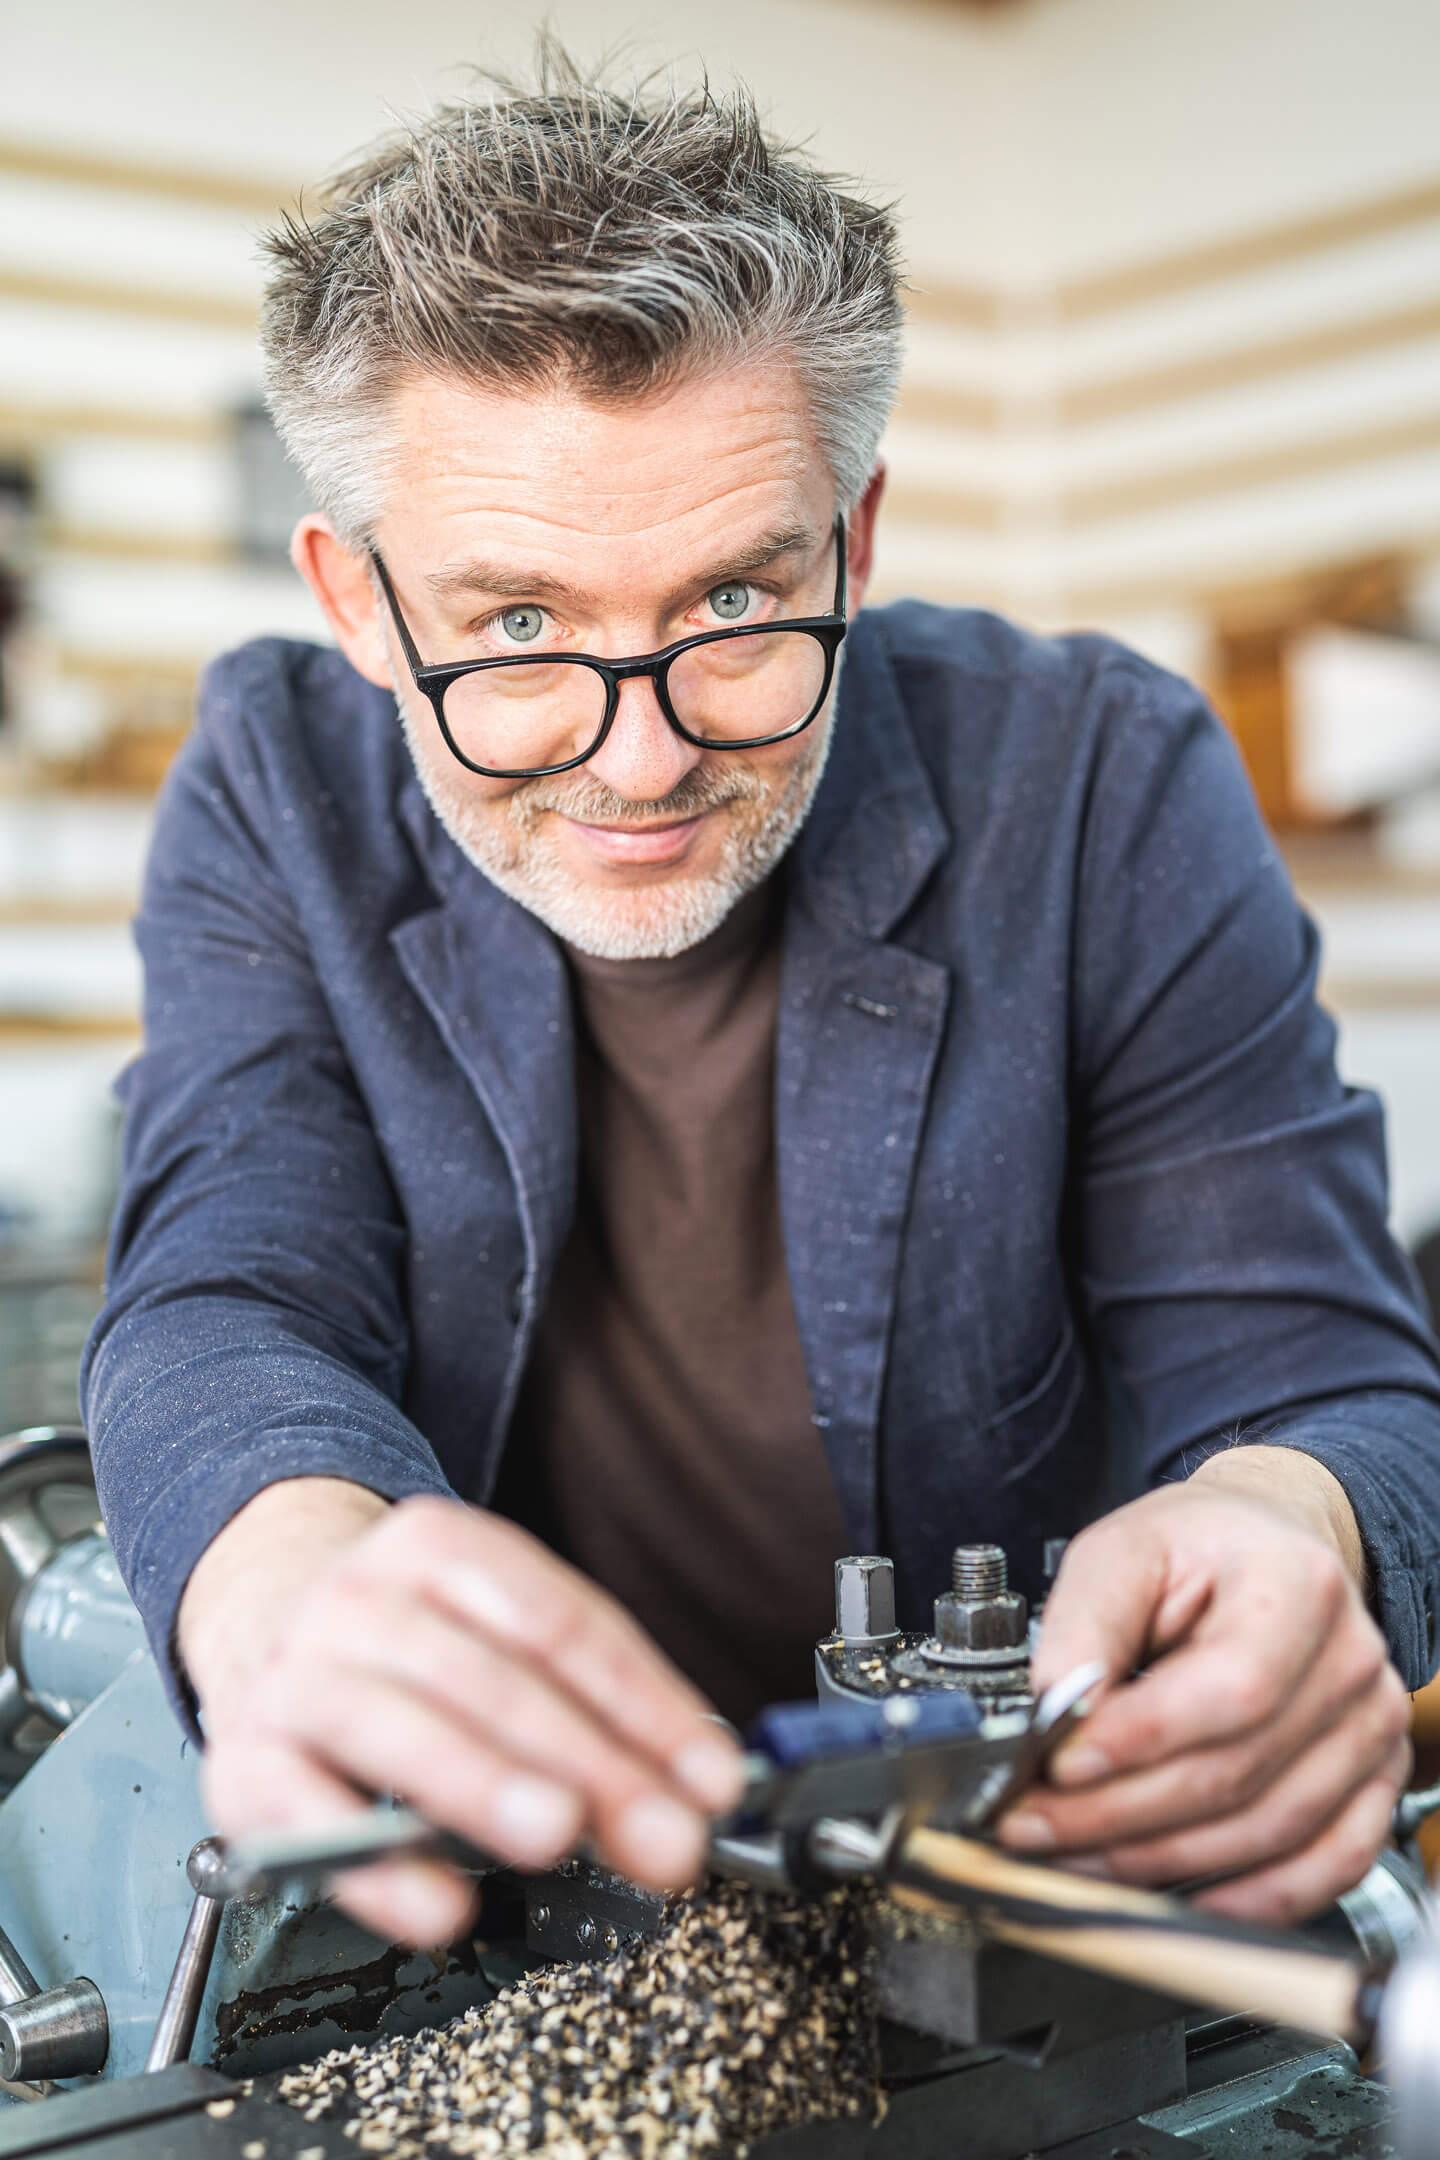 Portraitfoto vom Handwerker Frank Pressentin (Elbwood)